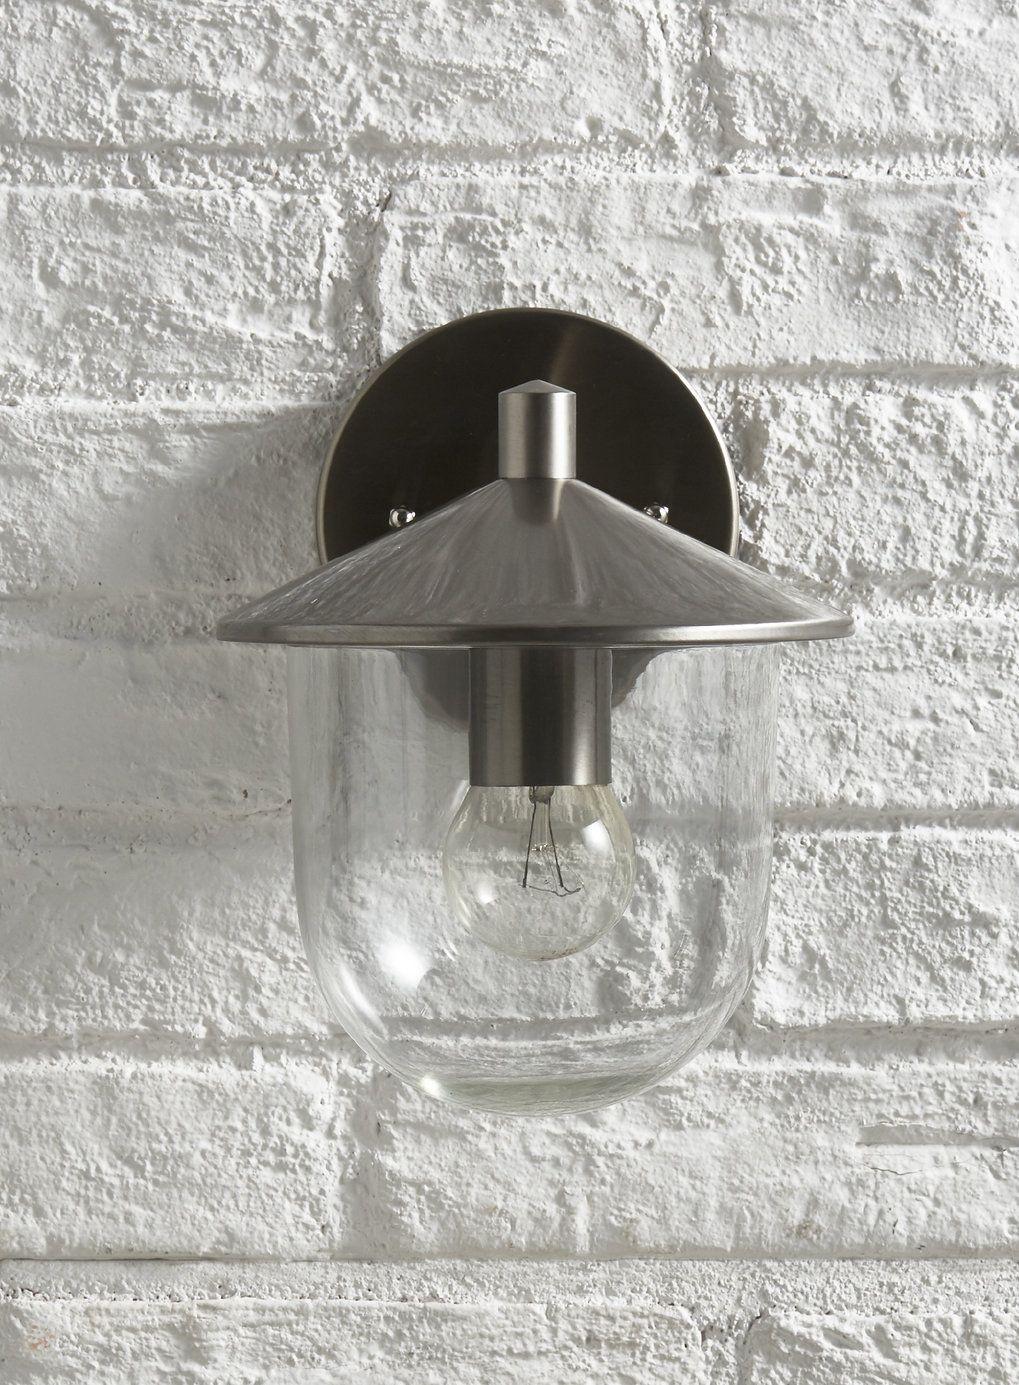 Clovelly Outdoor Wall Light Bhs Wall Lights Outdoor Wall